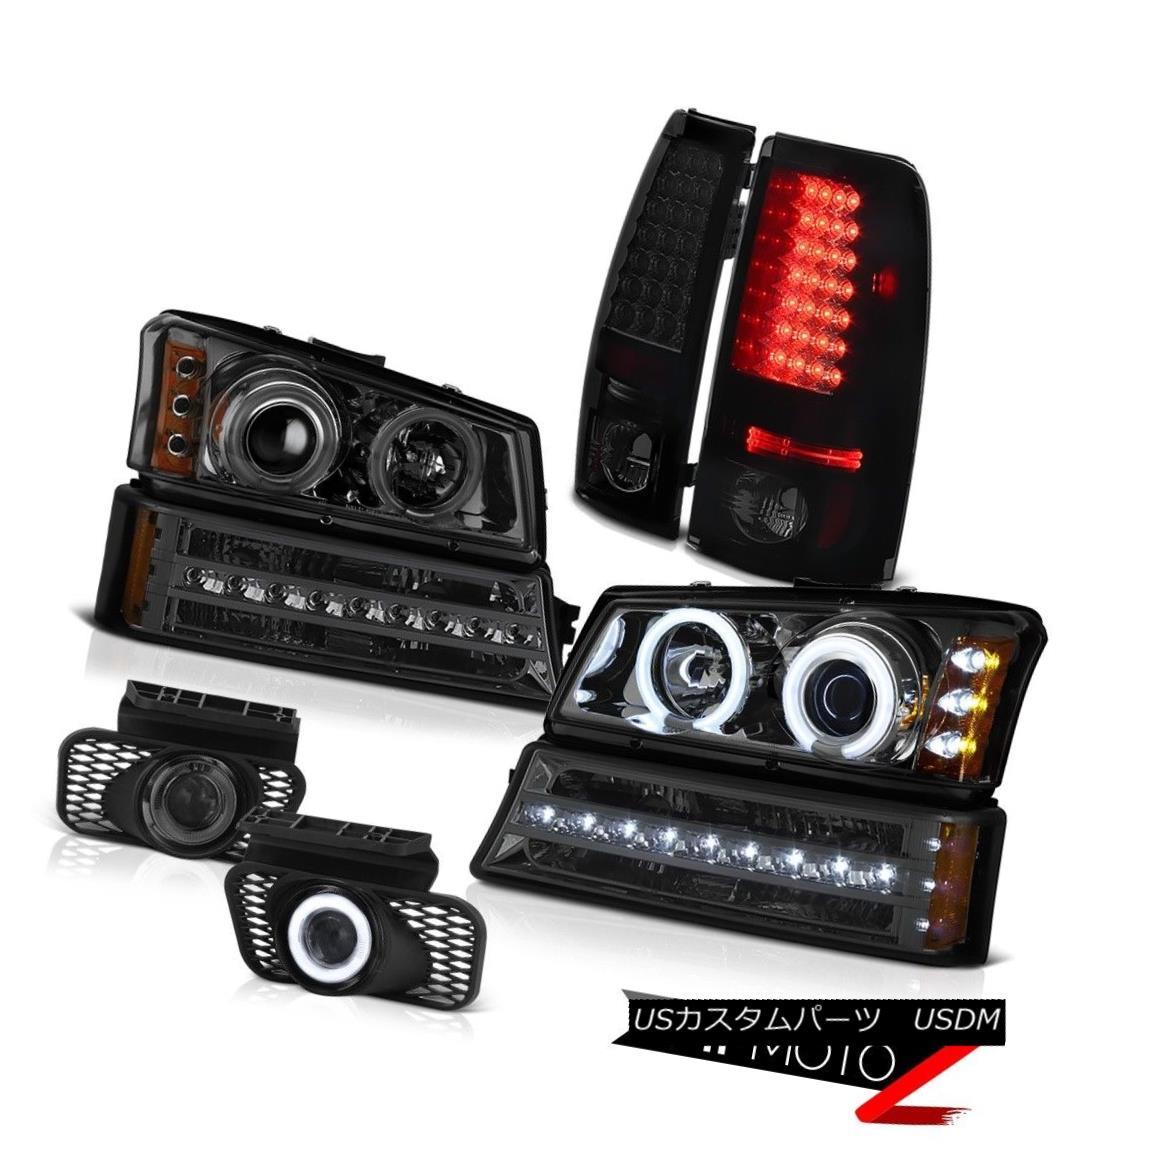 ヘッドライト 03-06 Silverado 2500HD Phantom smoke foglights taillamps turn signal headlamps 03-06シルバラード2500HDファントム・スモッグ・フォグライト・テールランプターン・シグナル・ヘッドランプ